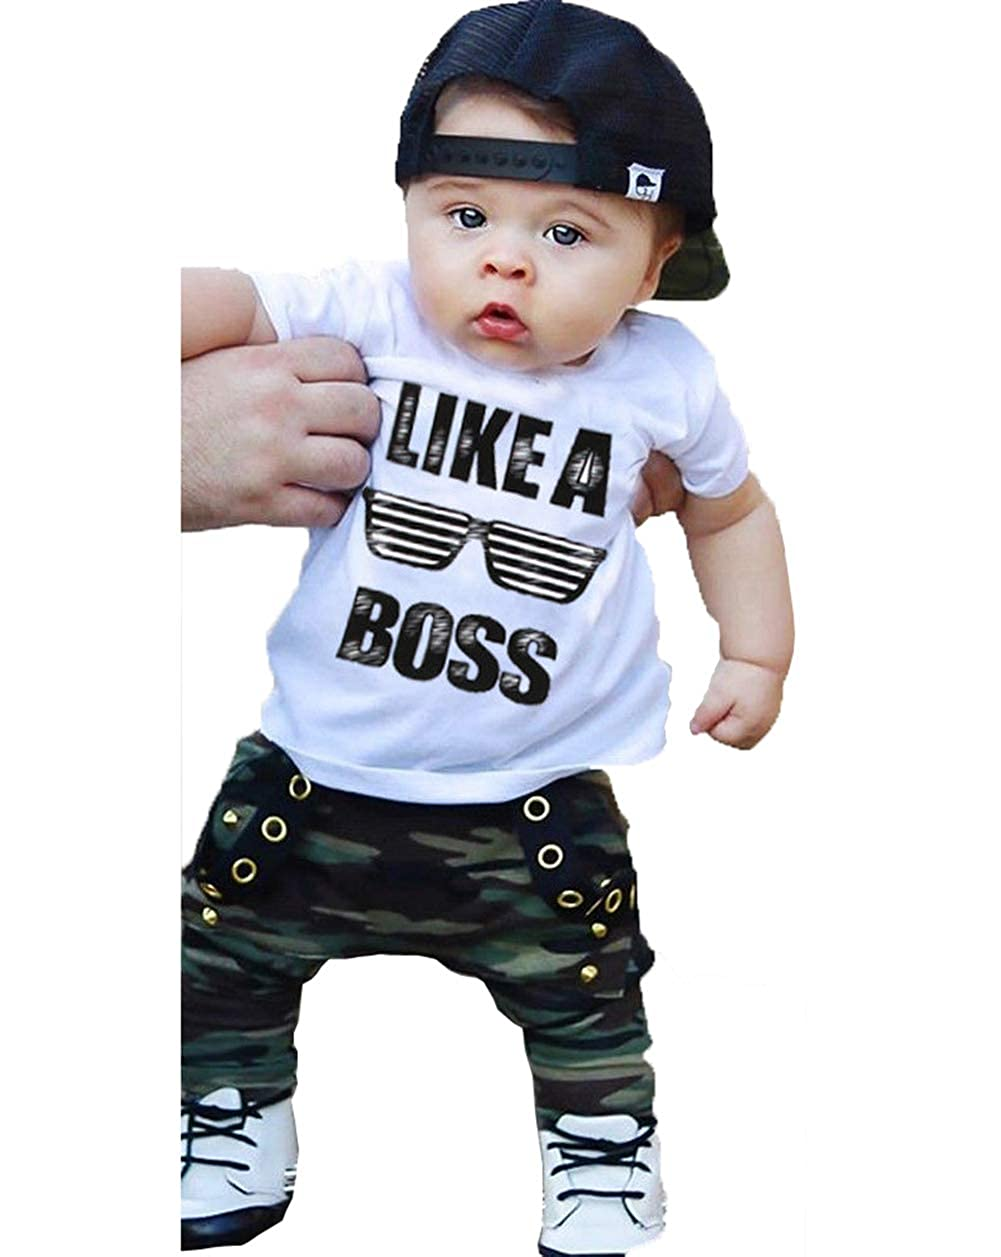 FOYUN Toddler Baby Boys Hip Hop Tops T-Shirt Camo Pants Outfits Pant Sets